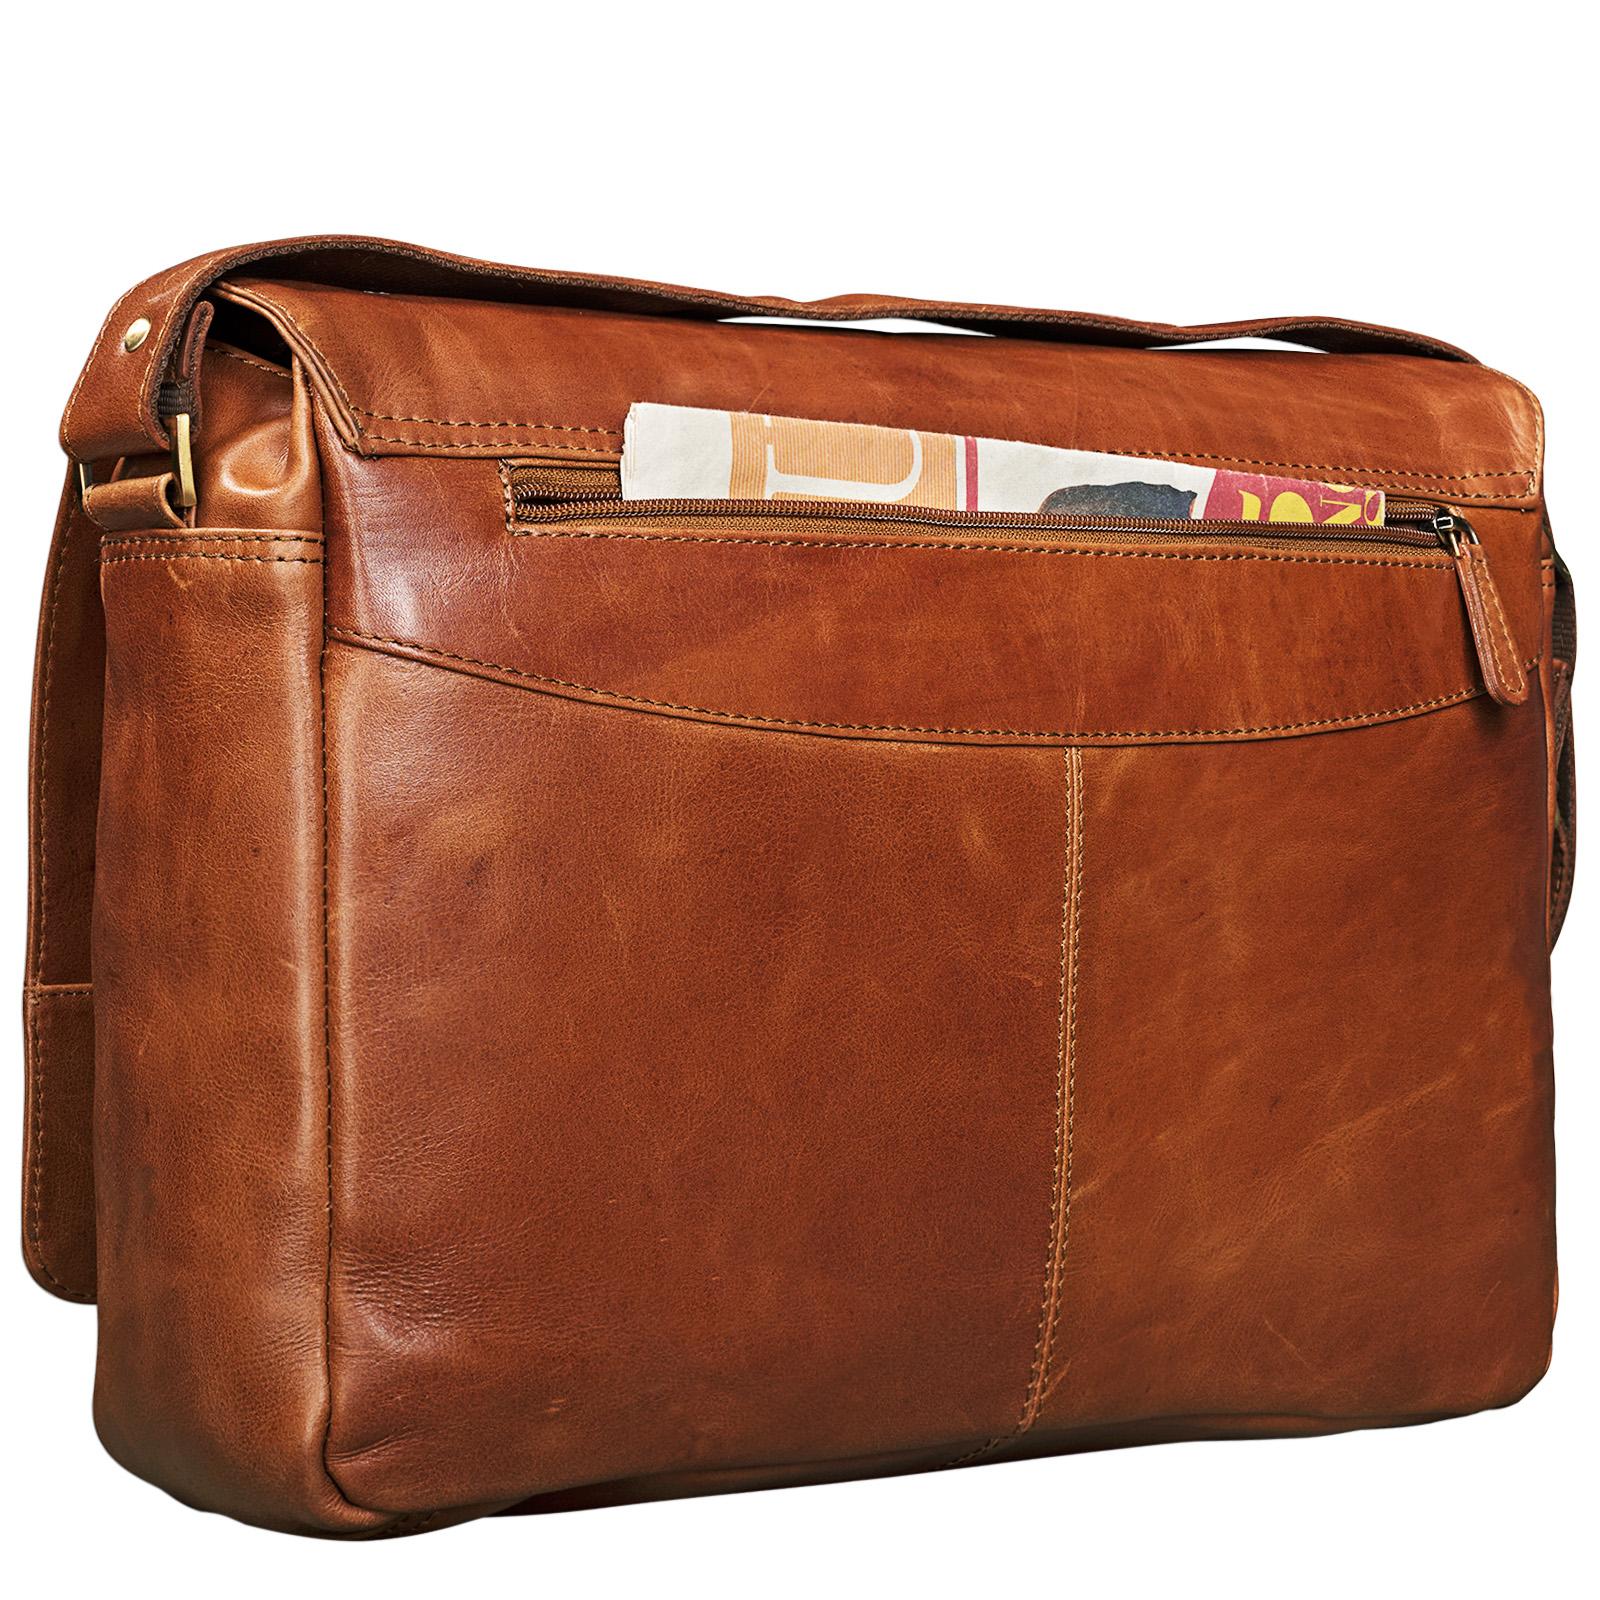 """STILORD """"Nick"""" Umhängetasche Leder Herren Damen Unitasche 15.6 Zoll Laptoptasche Aktentasche Bürotasche Vintage Büffel-Leder - Bild 6"""